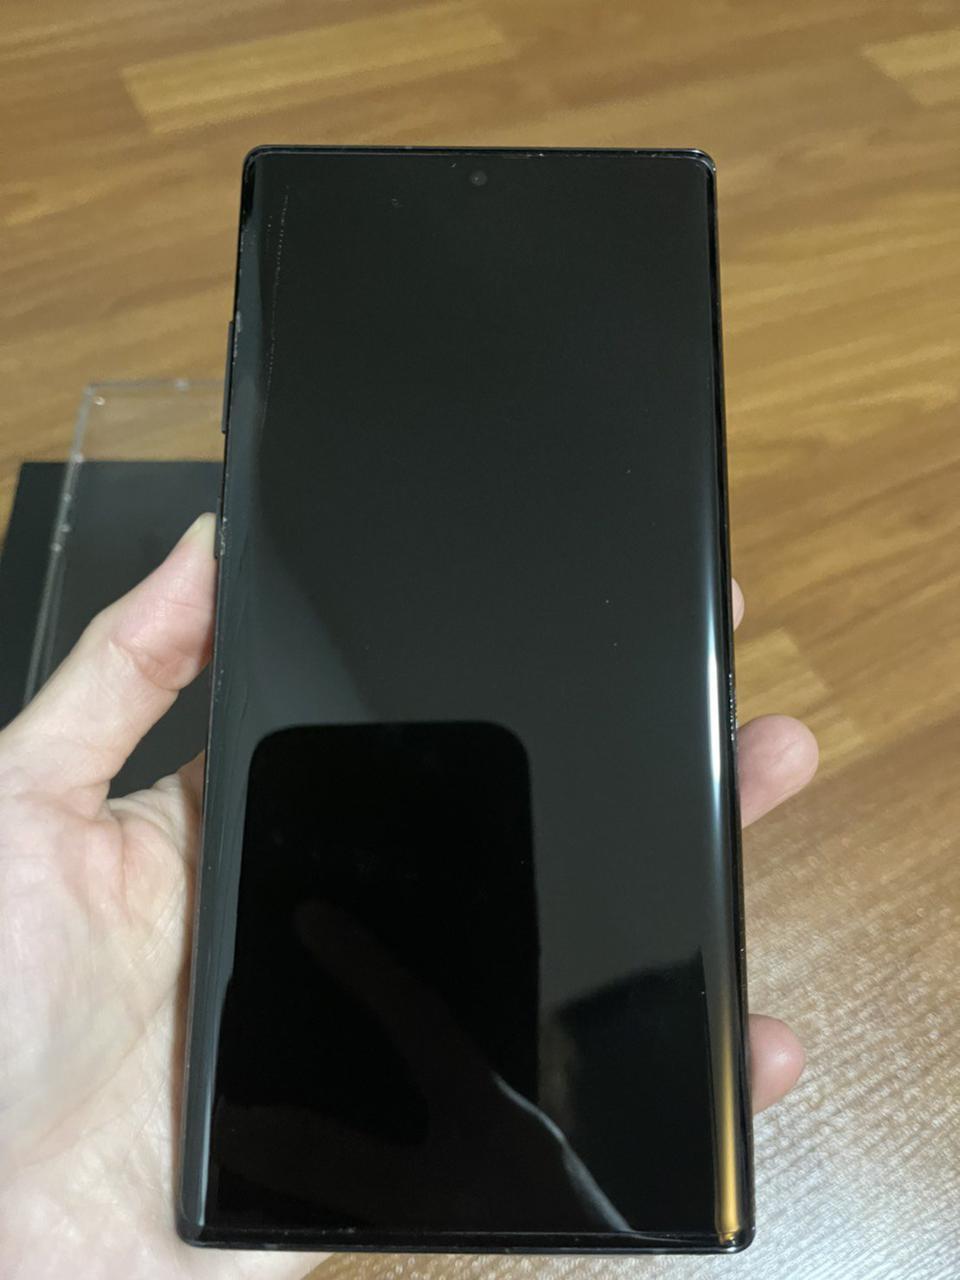 ขาย Samsung Note 10 + AuraBlack สภาพสวยมาก ของแท้ อุปกรณ์ครบยกกล่อง รูปที่ 1